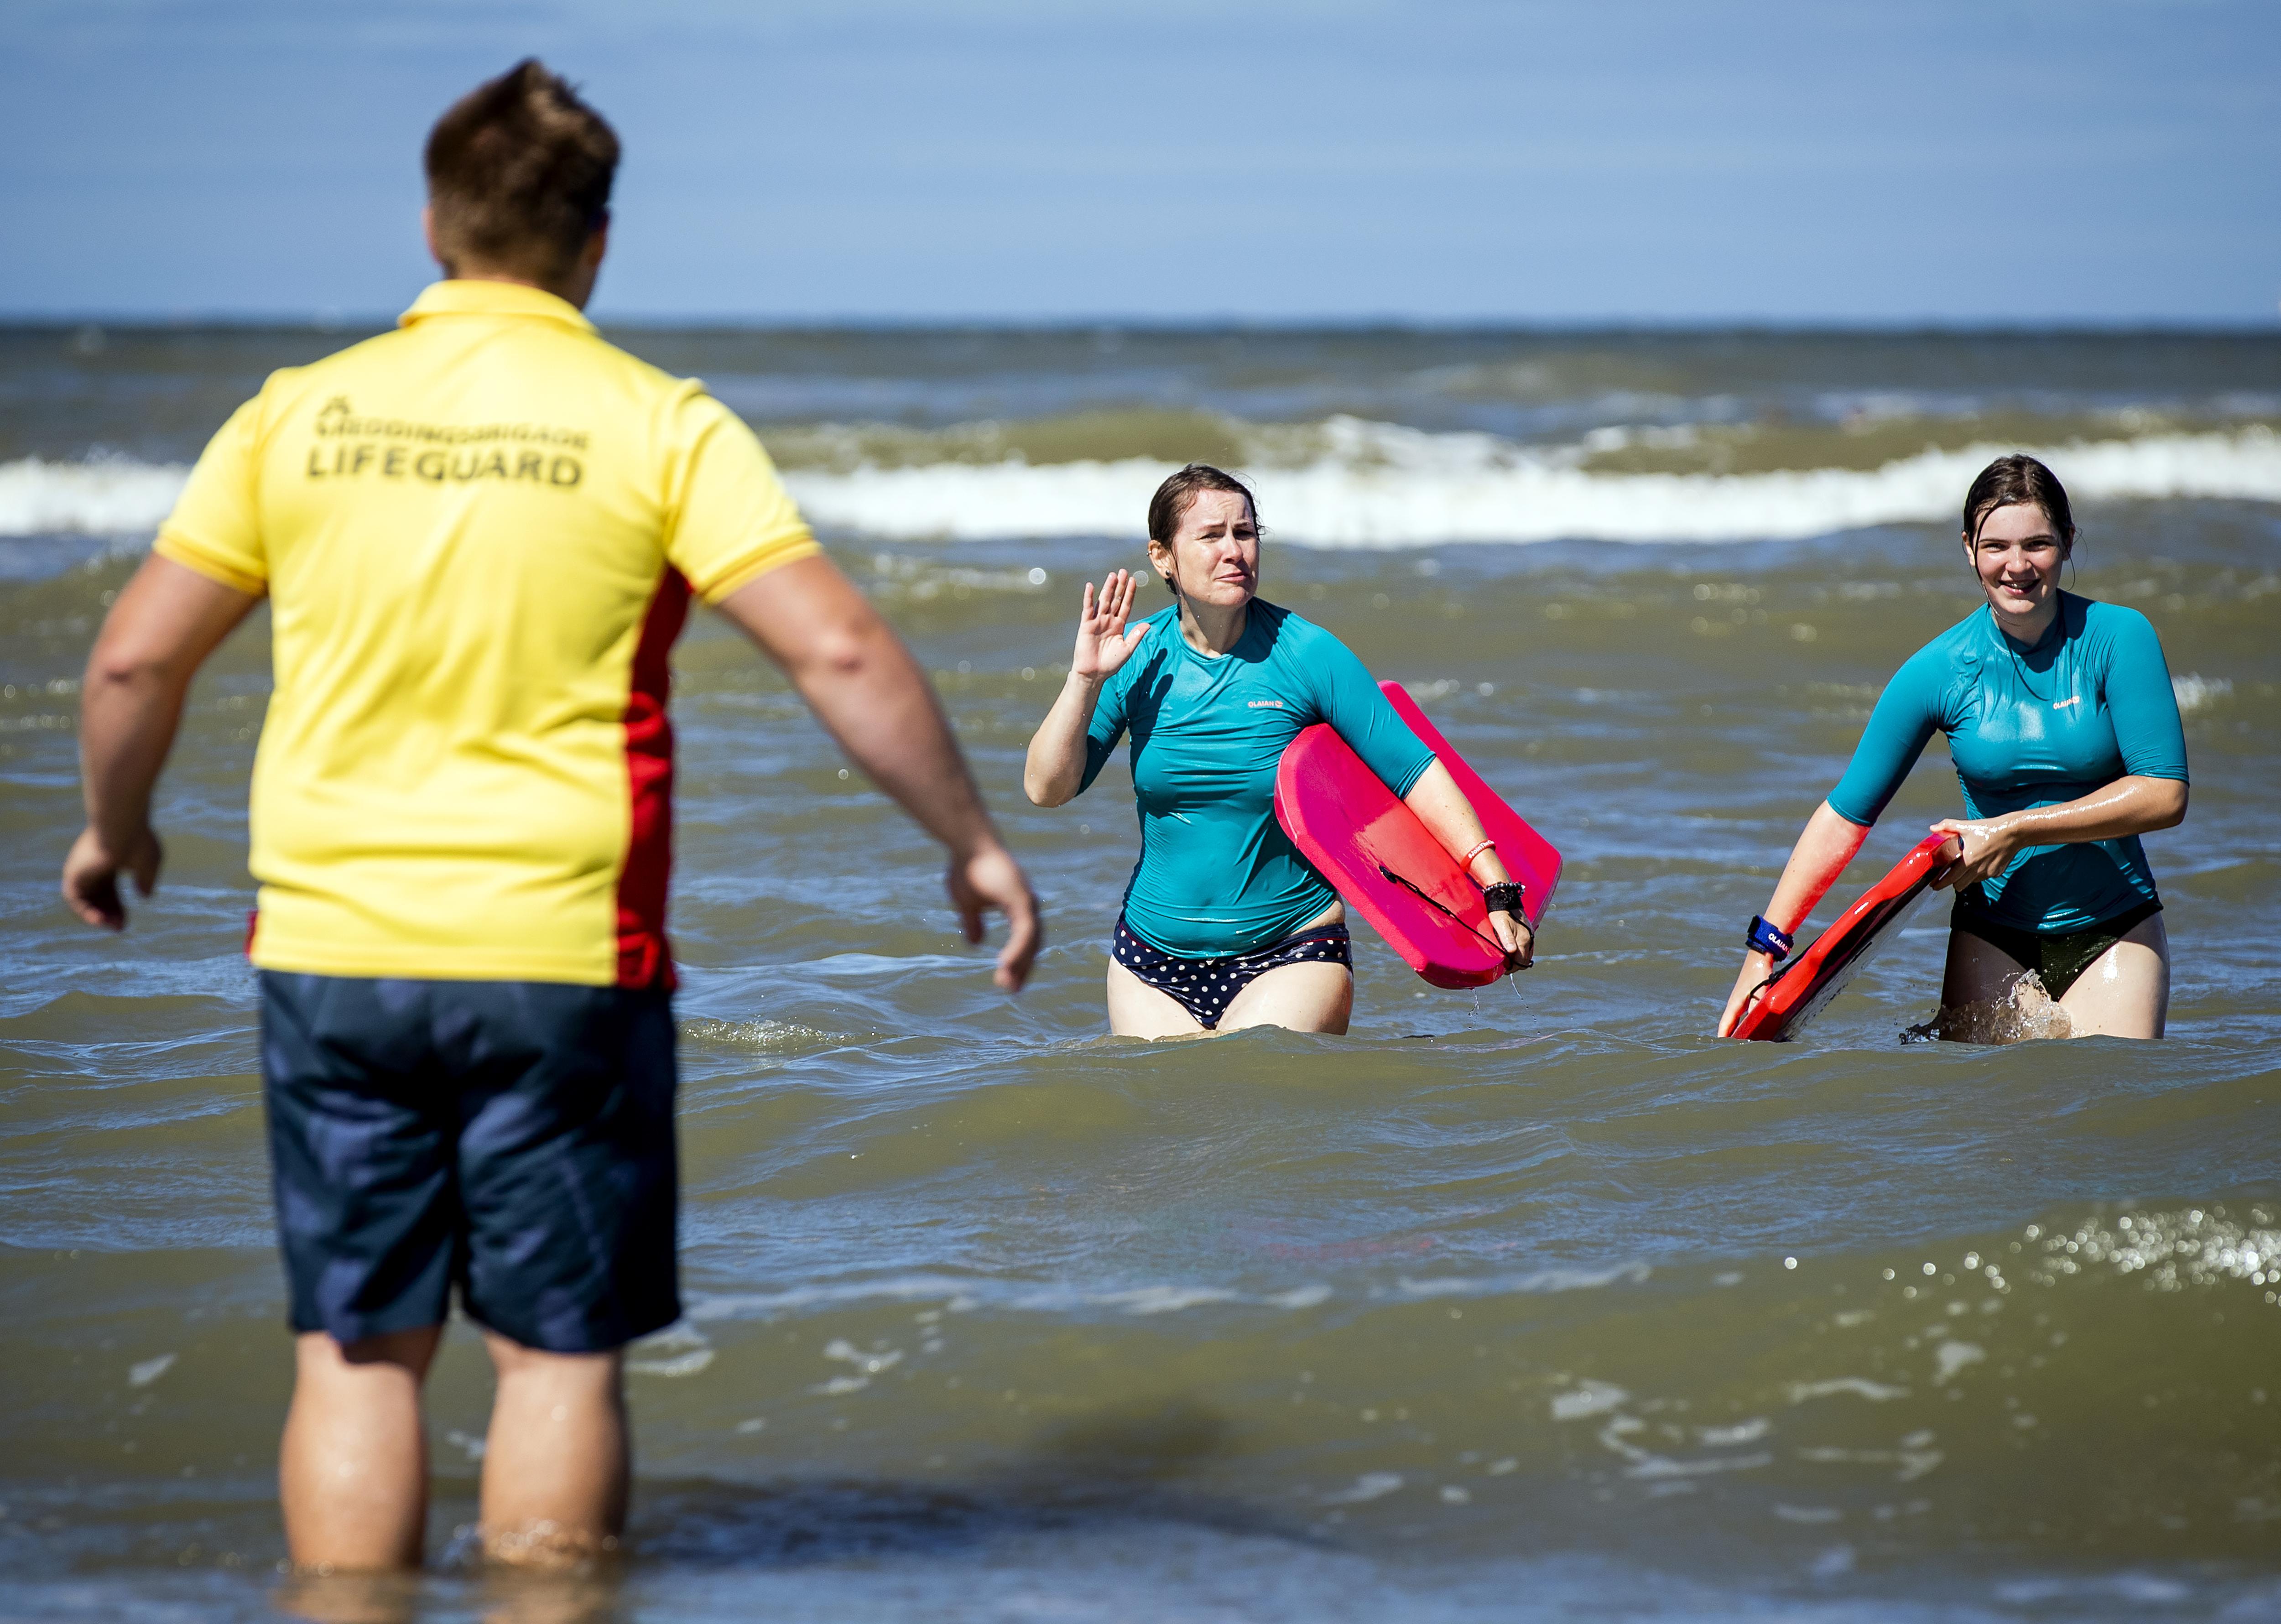 Veiligheidsregio's zetten NL-Alert in omdat strandgangers rode vlag negeerden